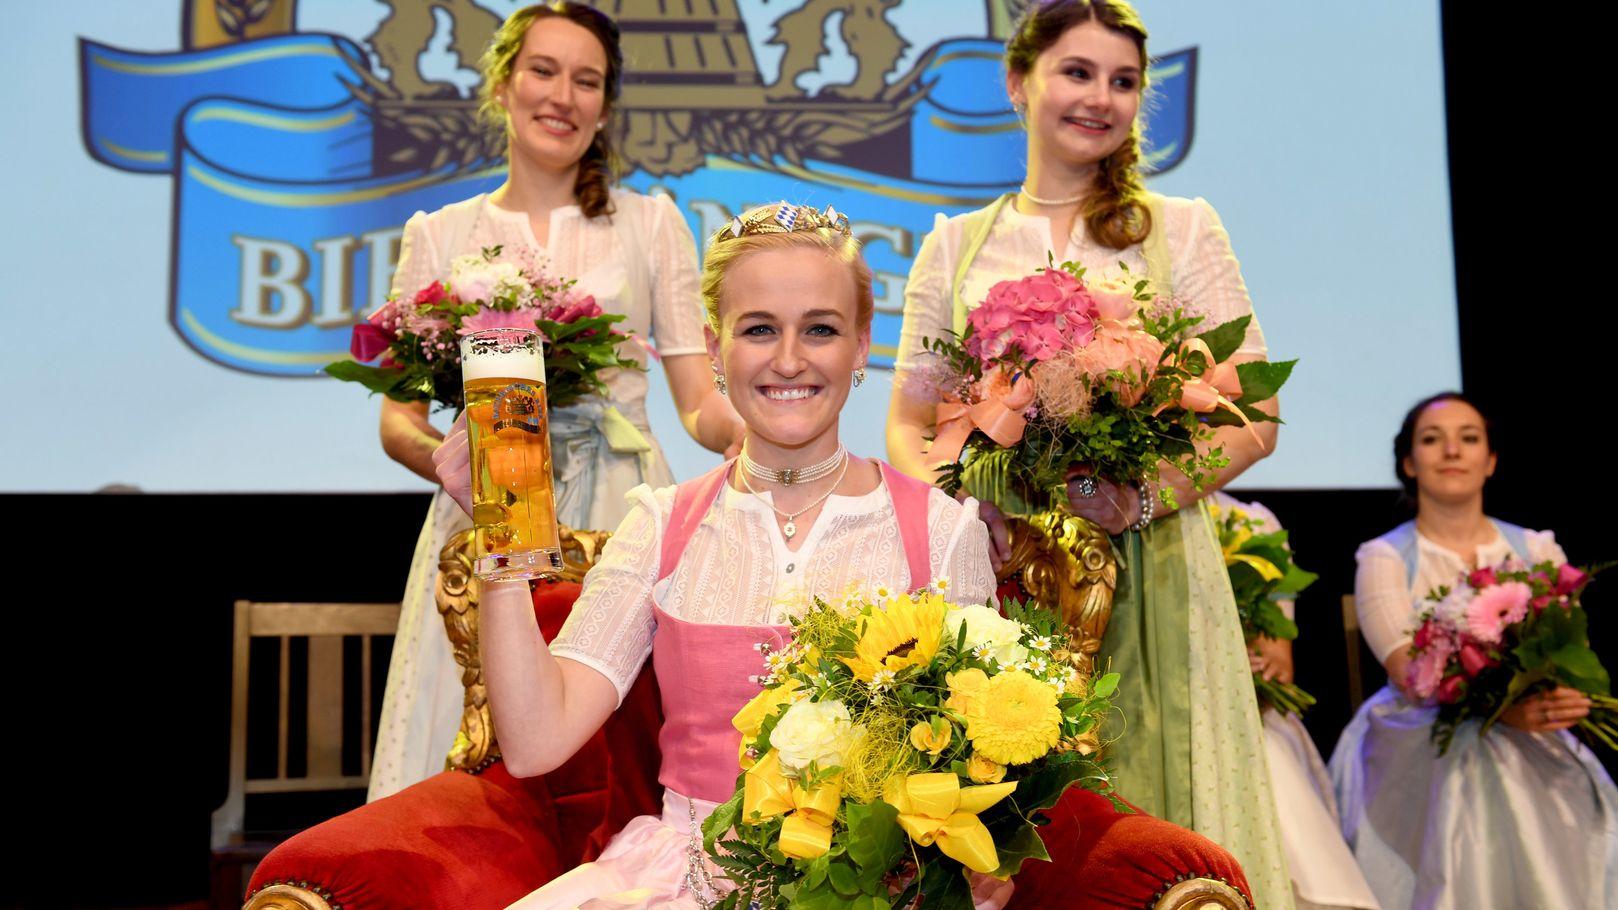 Die neue Bierkönigin Veronika Ettstaller sitzt nach ihrer Wahl zur 10. Bayerischen Bierkönigin auf ihrem Thron.